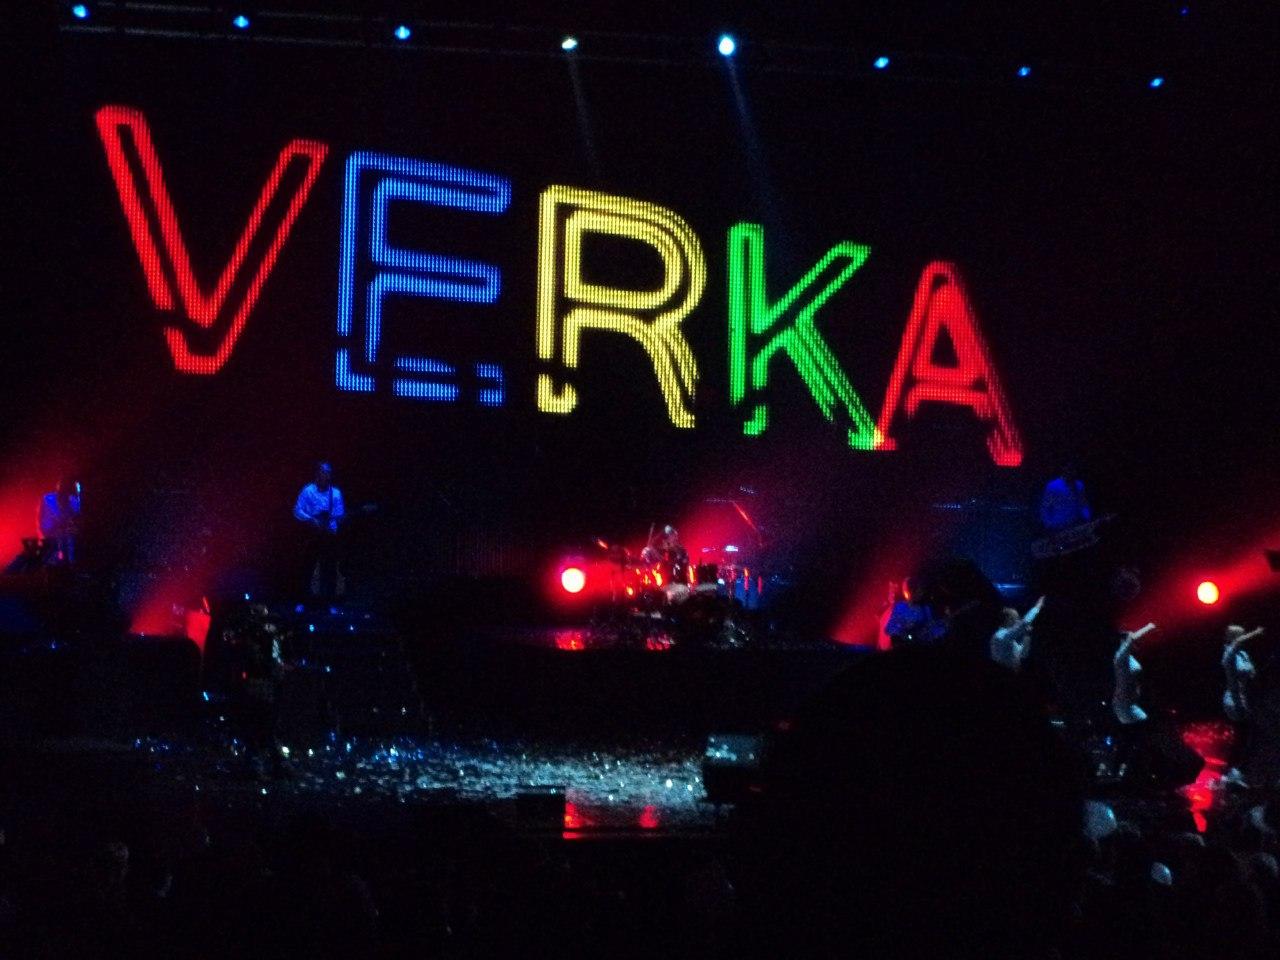 Верка Сердючка концерт в Питере смотреть видео